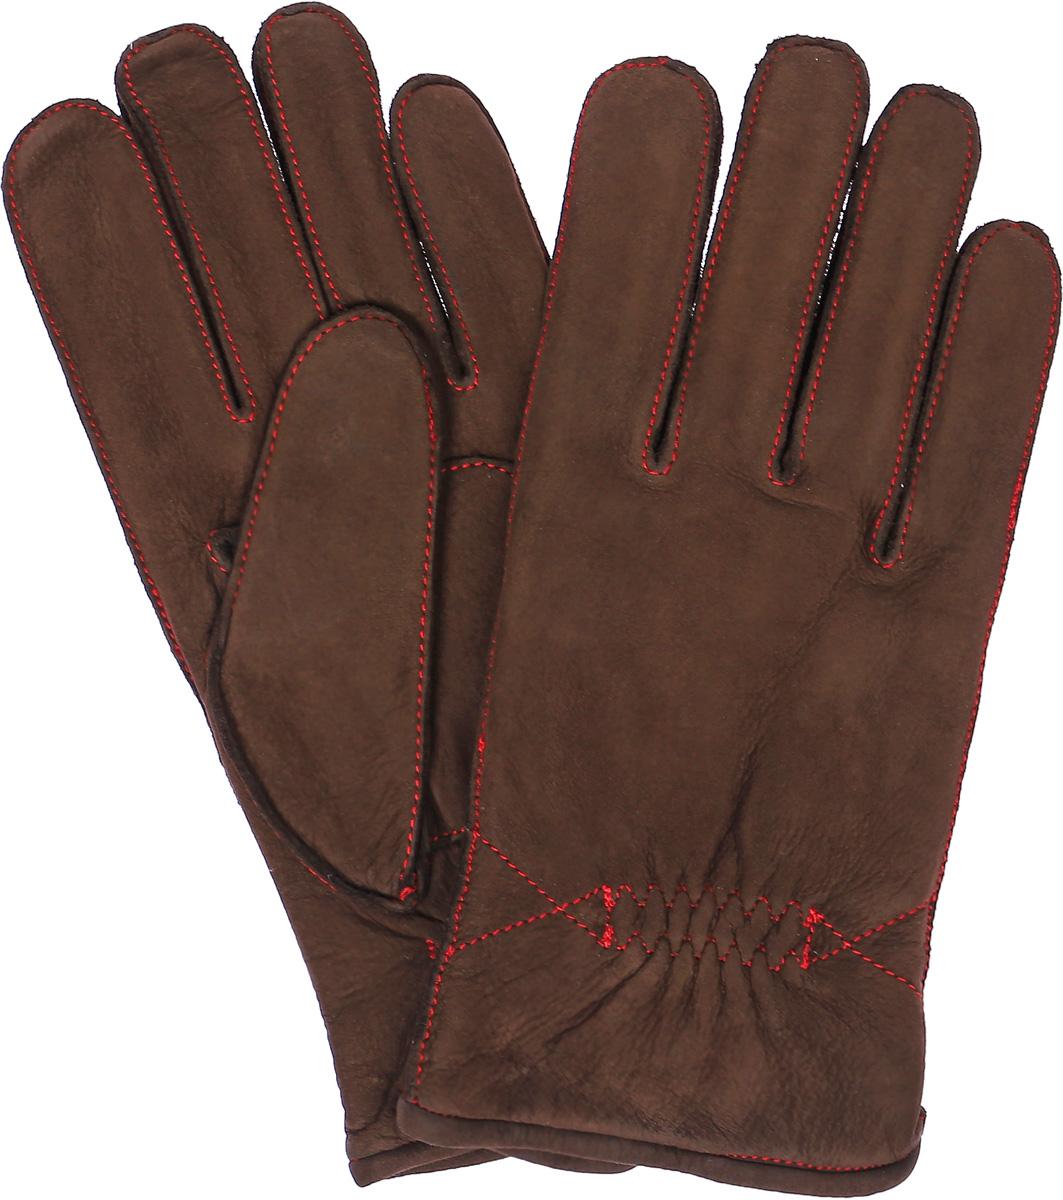 Перчатки мужские Dali Exclusive, цвет: коричневый, красный. N12_TORM. Размер 9,5N12_TORM/R.DBR//11Мужские перчатки Dali Exclusive не только защитят ваши руки, но и станут великолепным украшением. Перчатки выполнены из натурального нубука, а подкладка - из высококачественной шерсти. Модель оформлена декоративными прострочками.